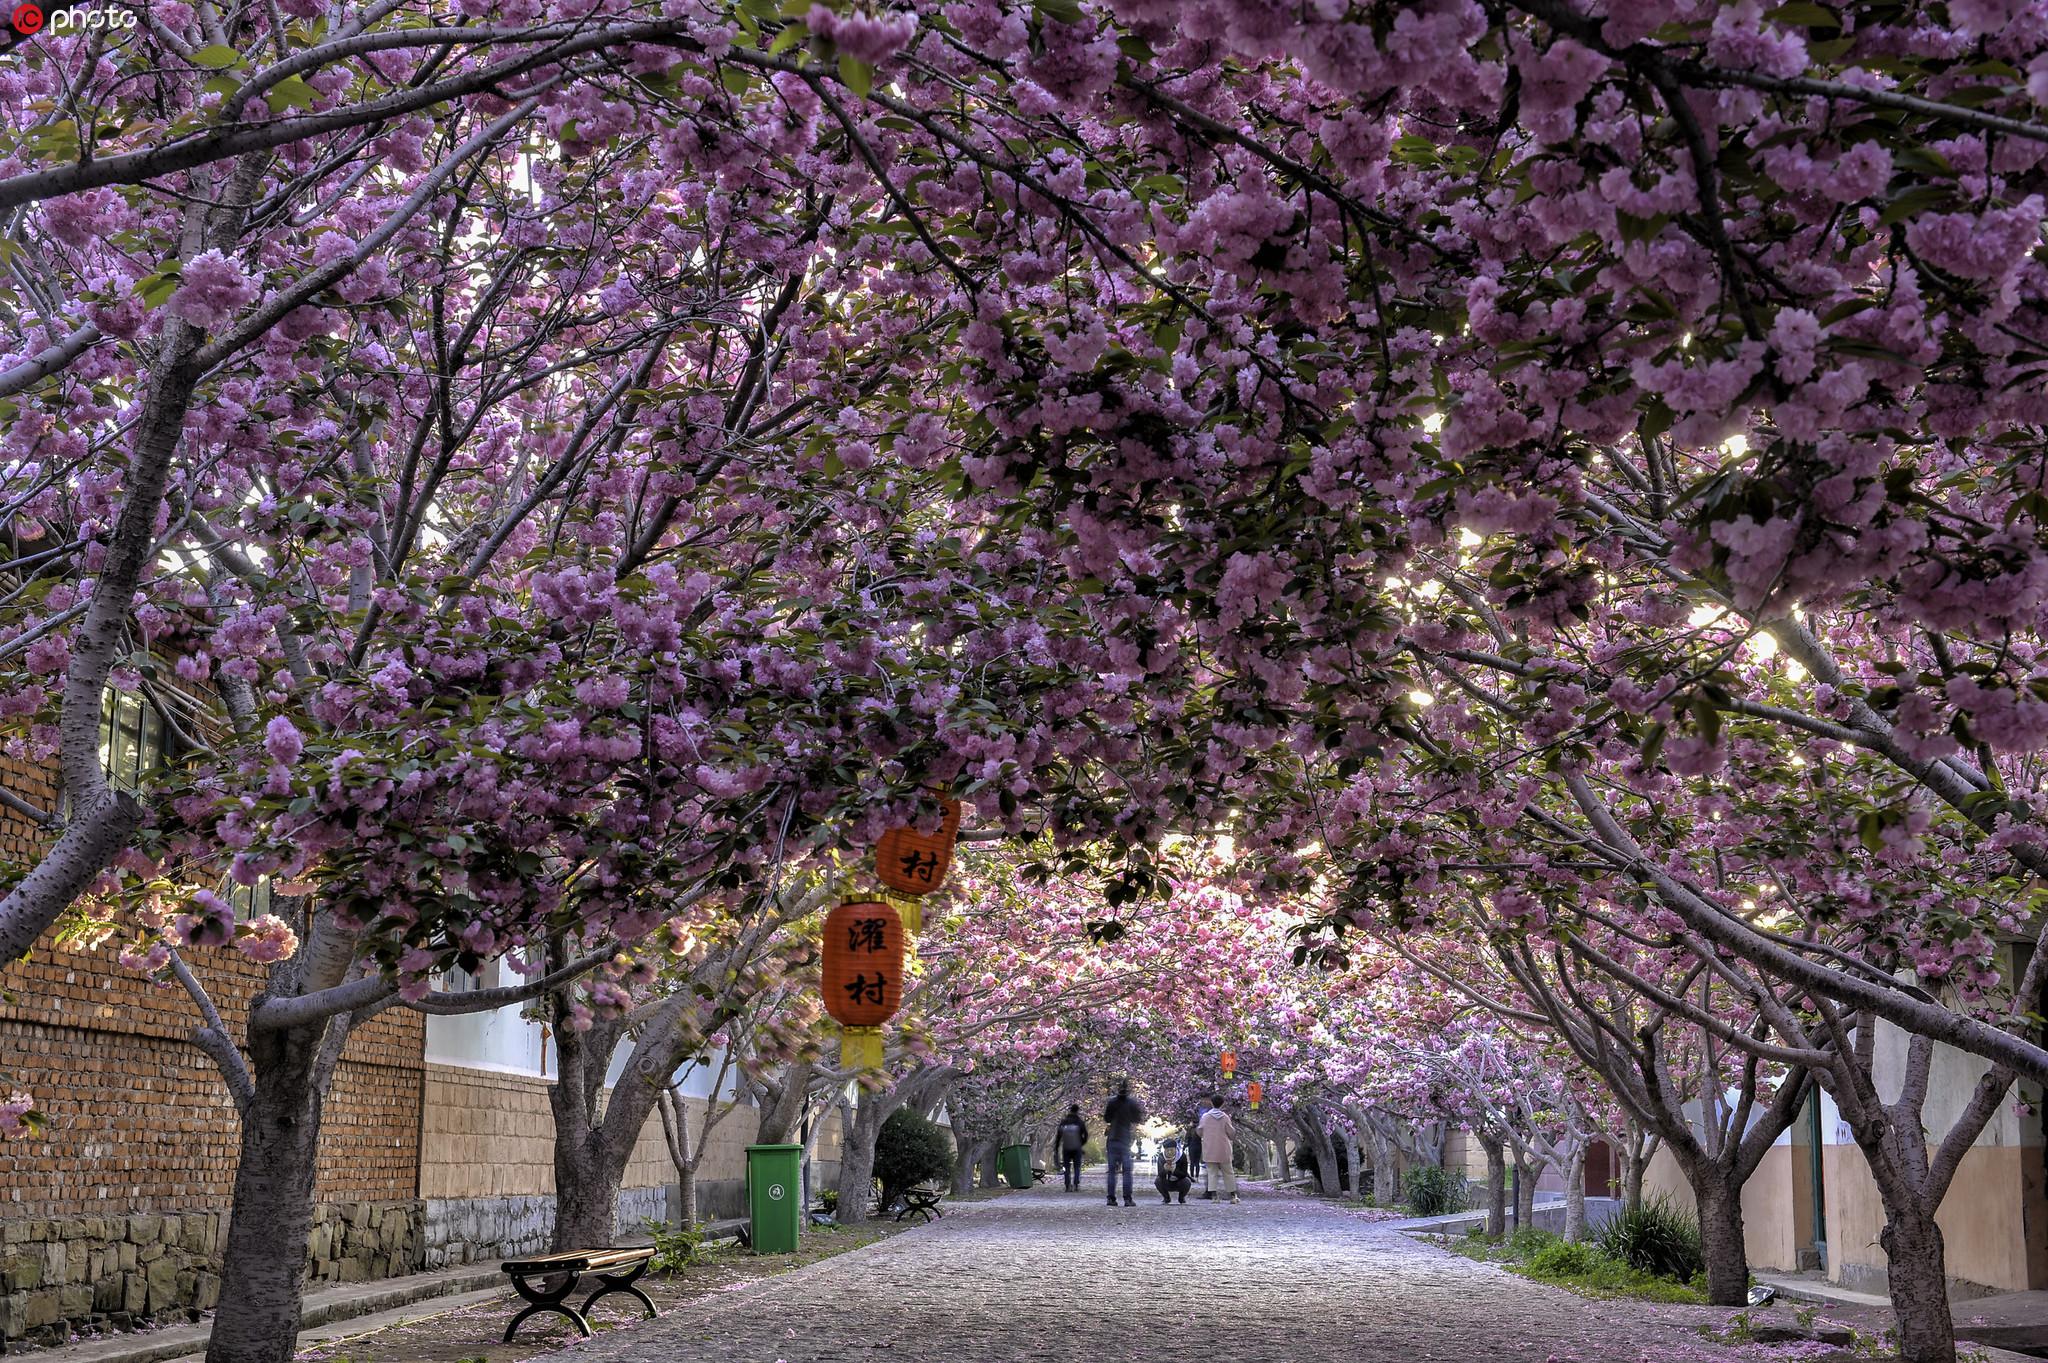 山东莱阳:春暖花开 畅游被花海包围的最美乡村